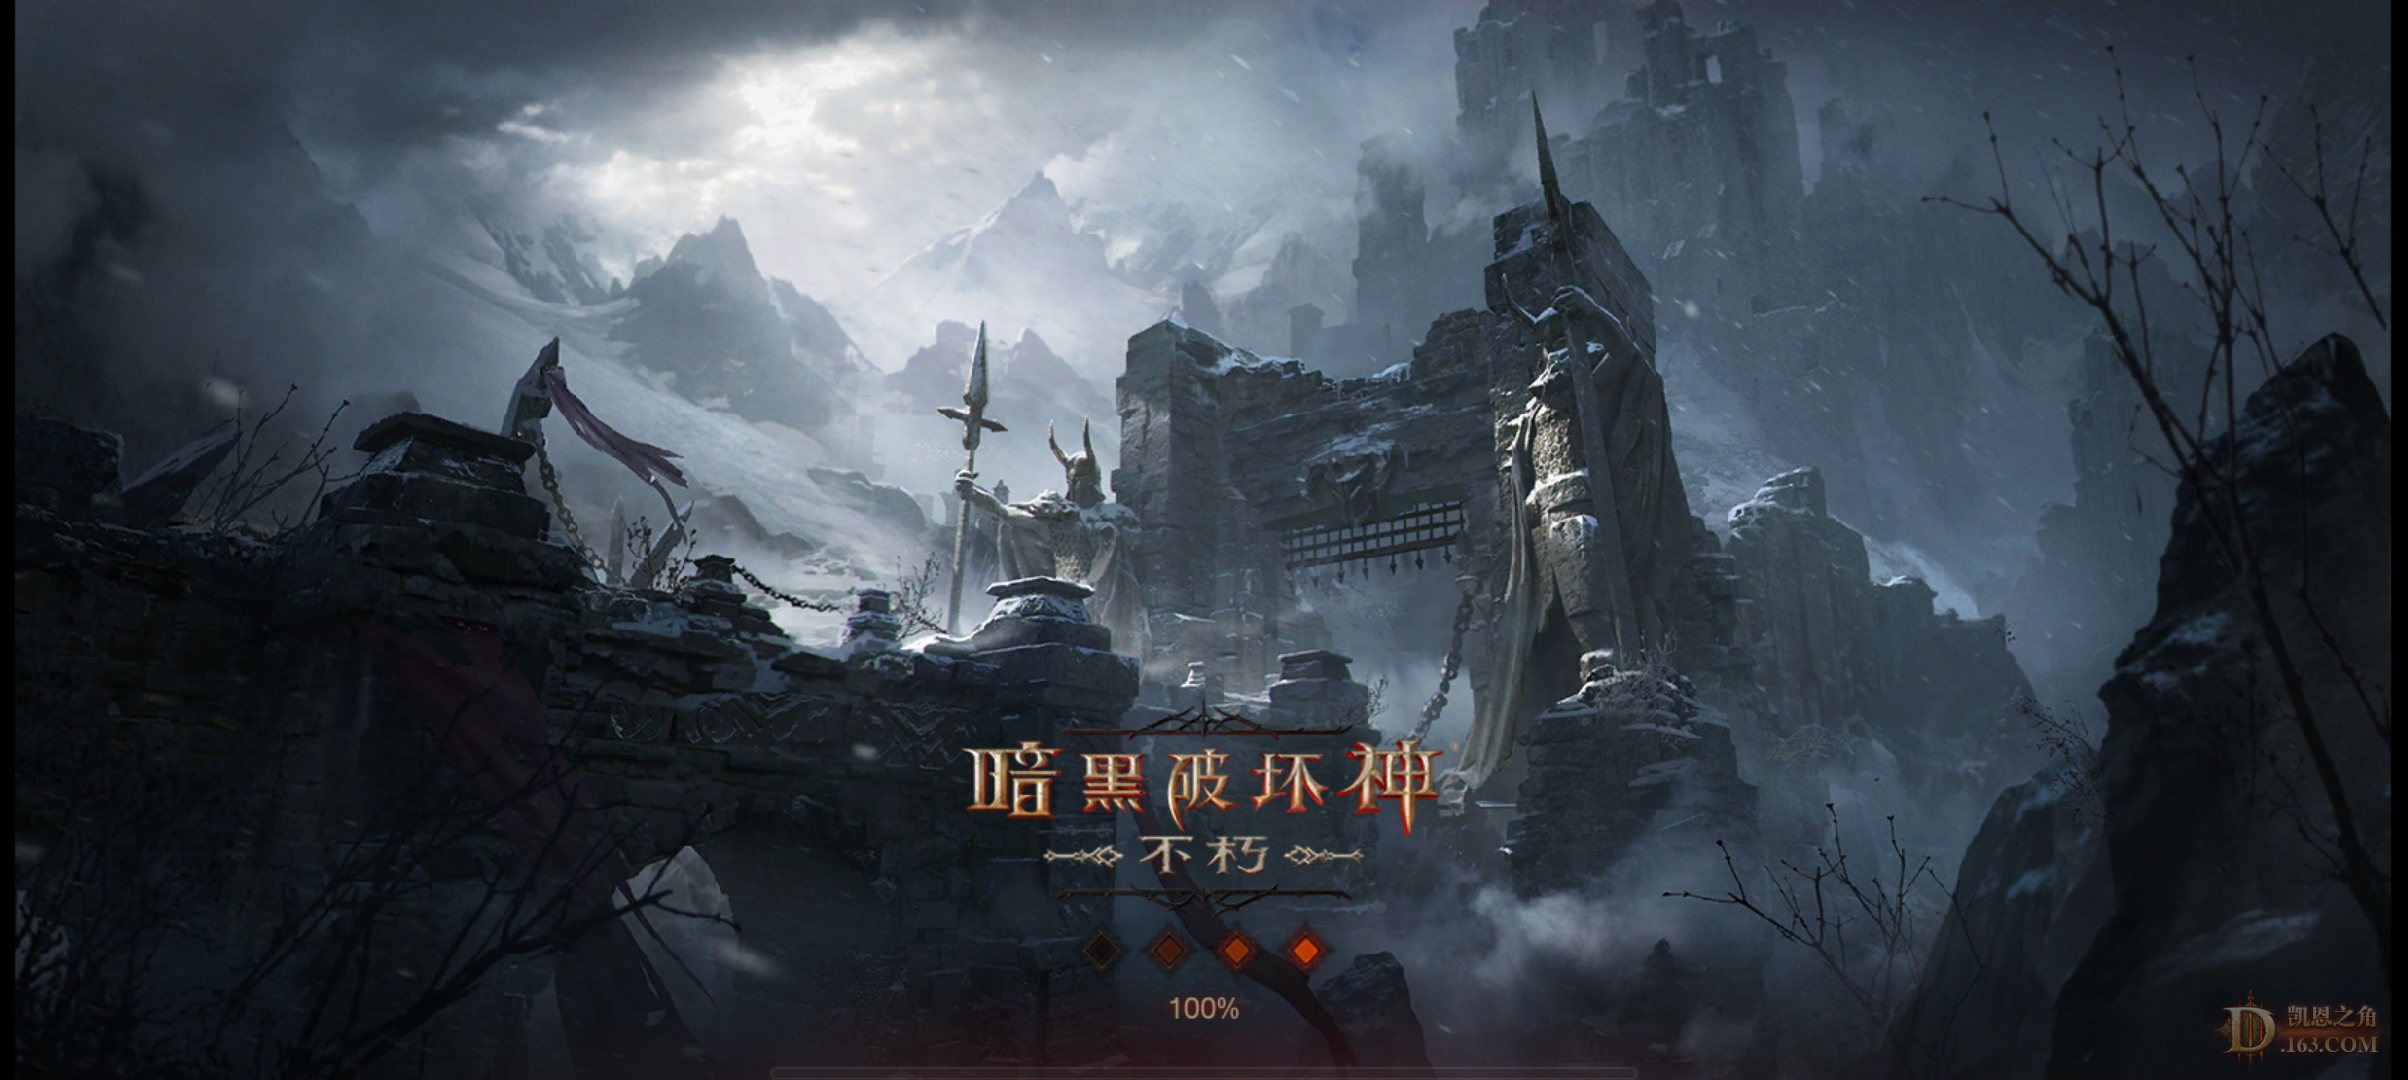 游戏登陆界面2.jpg